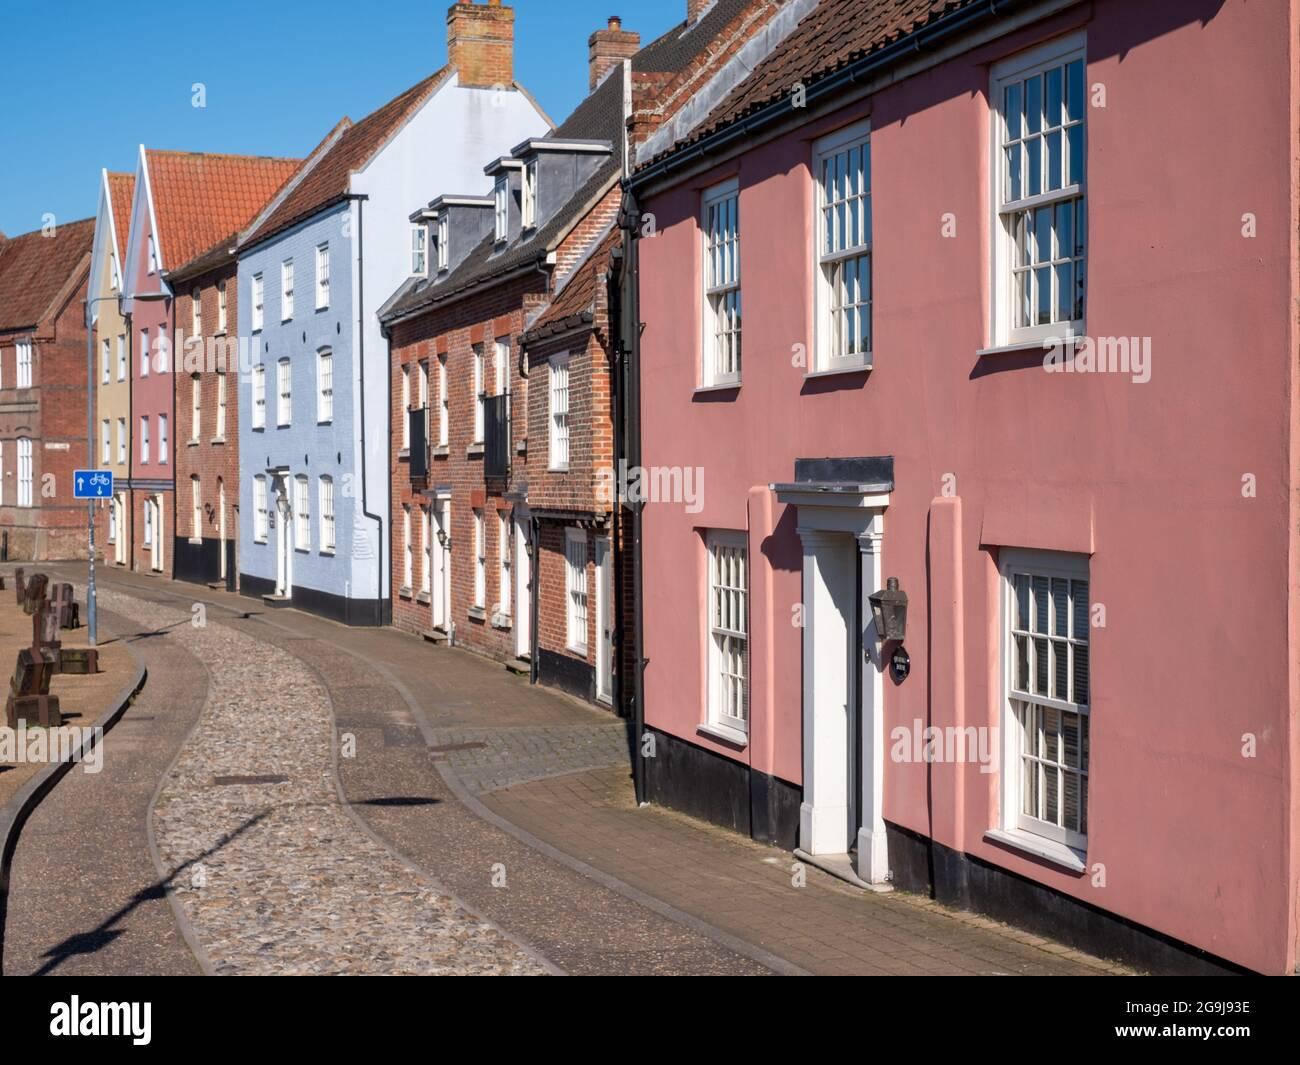 Maisons colorées historiques de caractère sur Quayside face à la rivière Wensum dans le centre-ville de Norwich, Norfolk UK. Banque D'Images